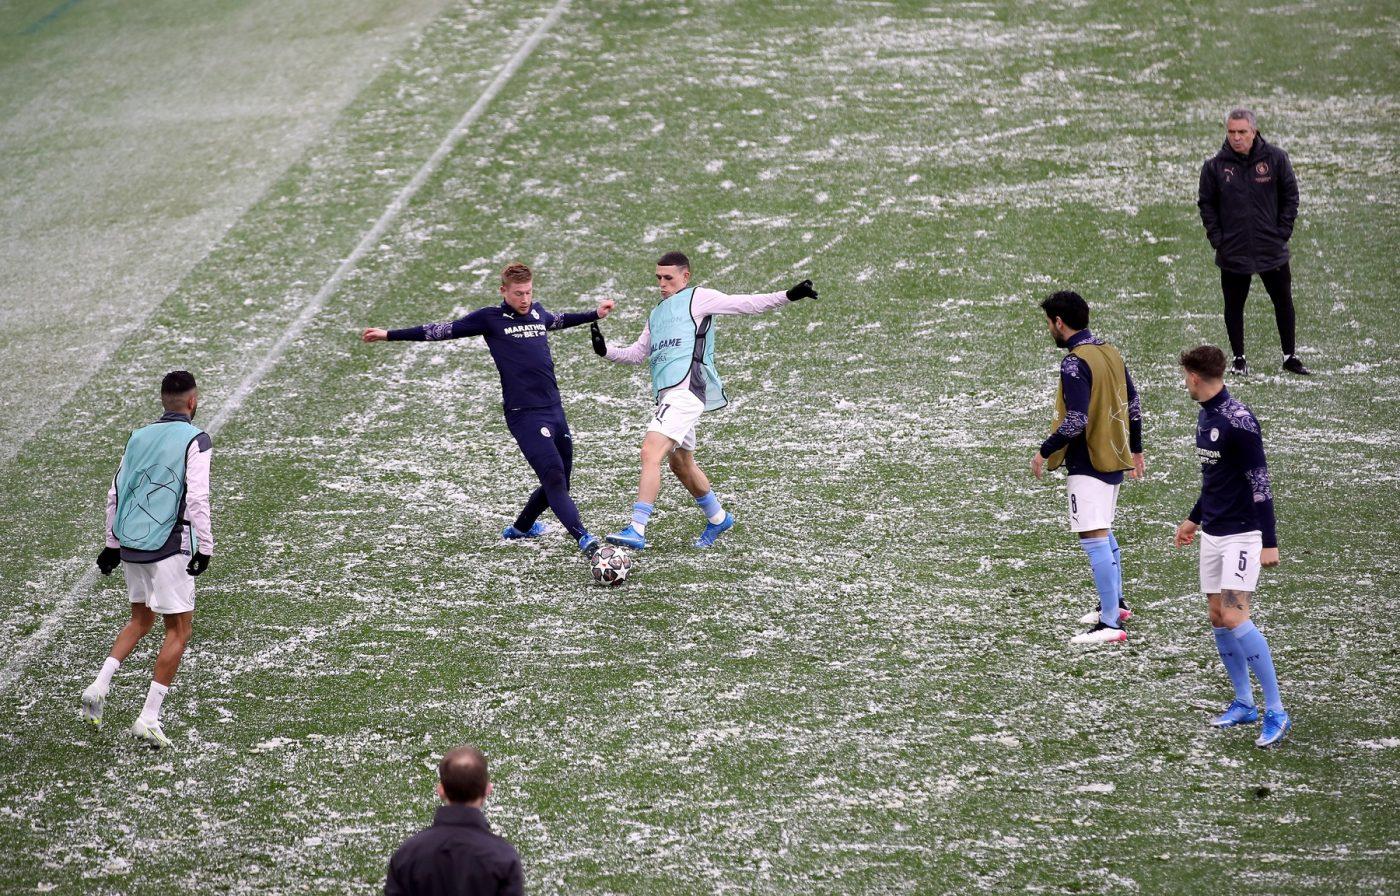 Ice, ice, baby! Semifinala dintre Manchester City și PSG, la un pas de amânare! Neymar și Di Maria, surprinși de imaginile apocaliptice din Anglia | FOTO & VIDEO